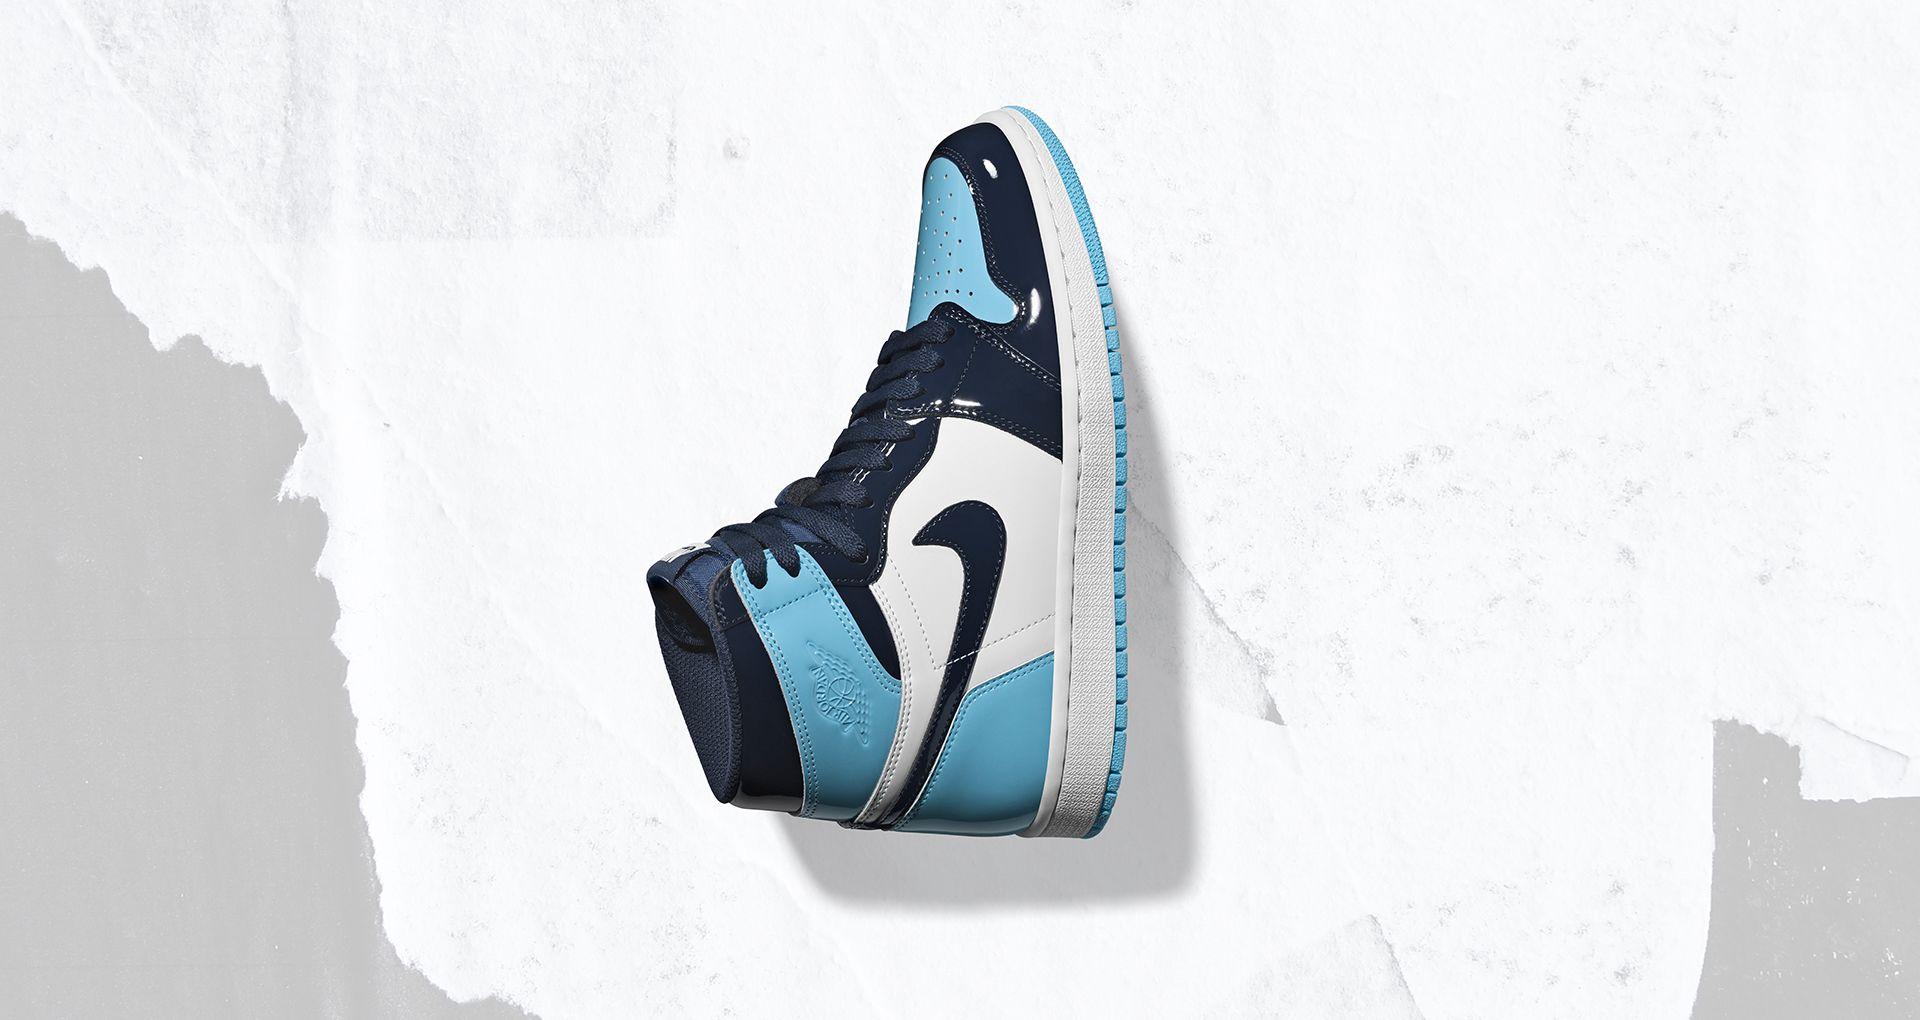 Esta Nike Air Jordan 1 é exclusiva para mulheres contracoutura